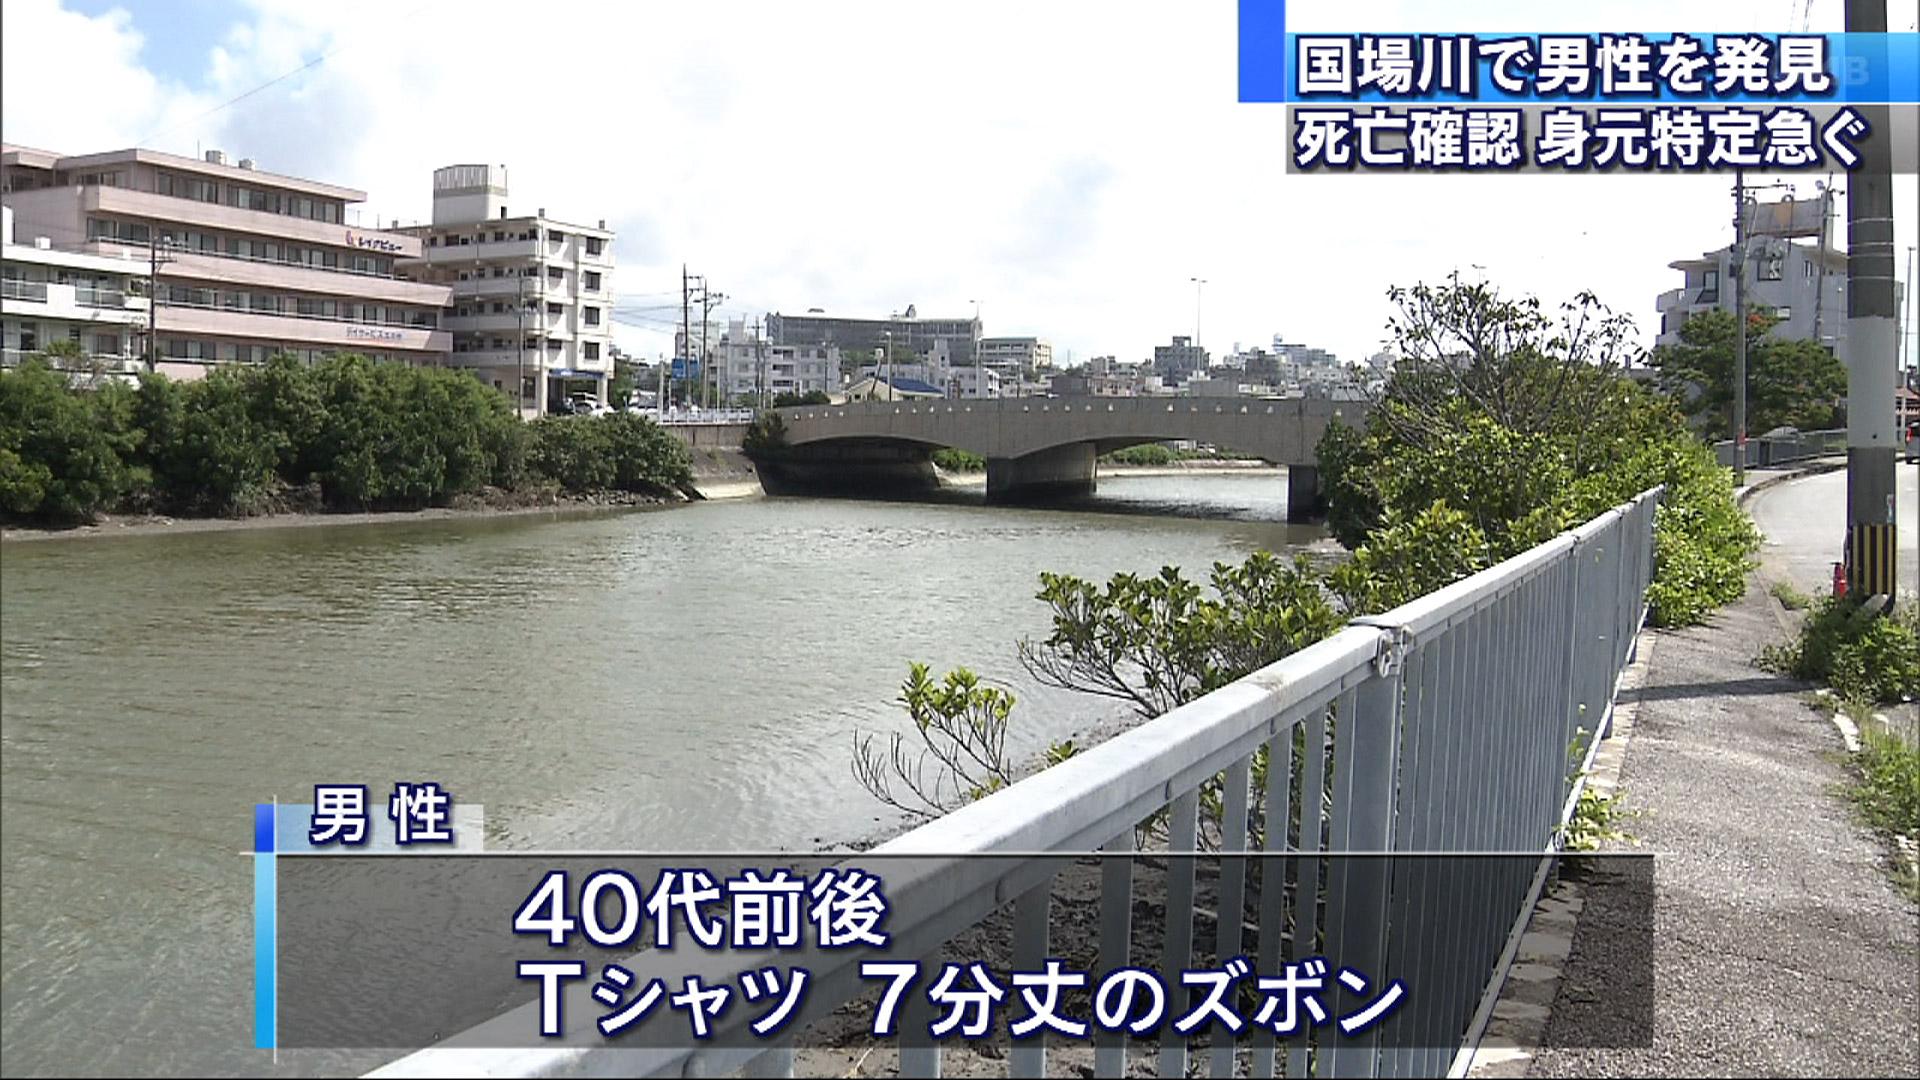 国場川に男性 死亡確認